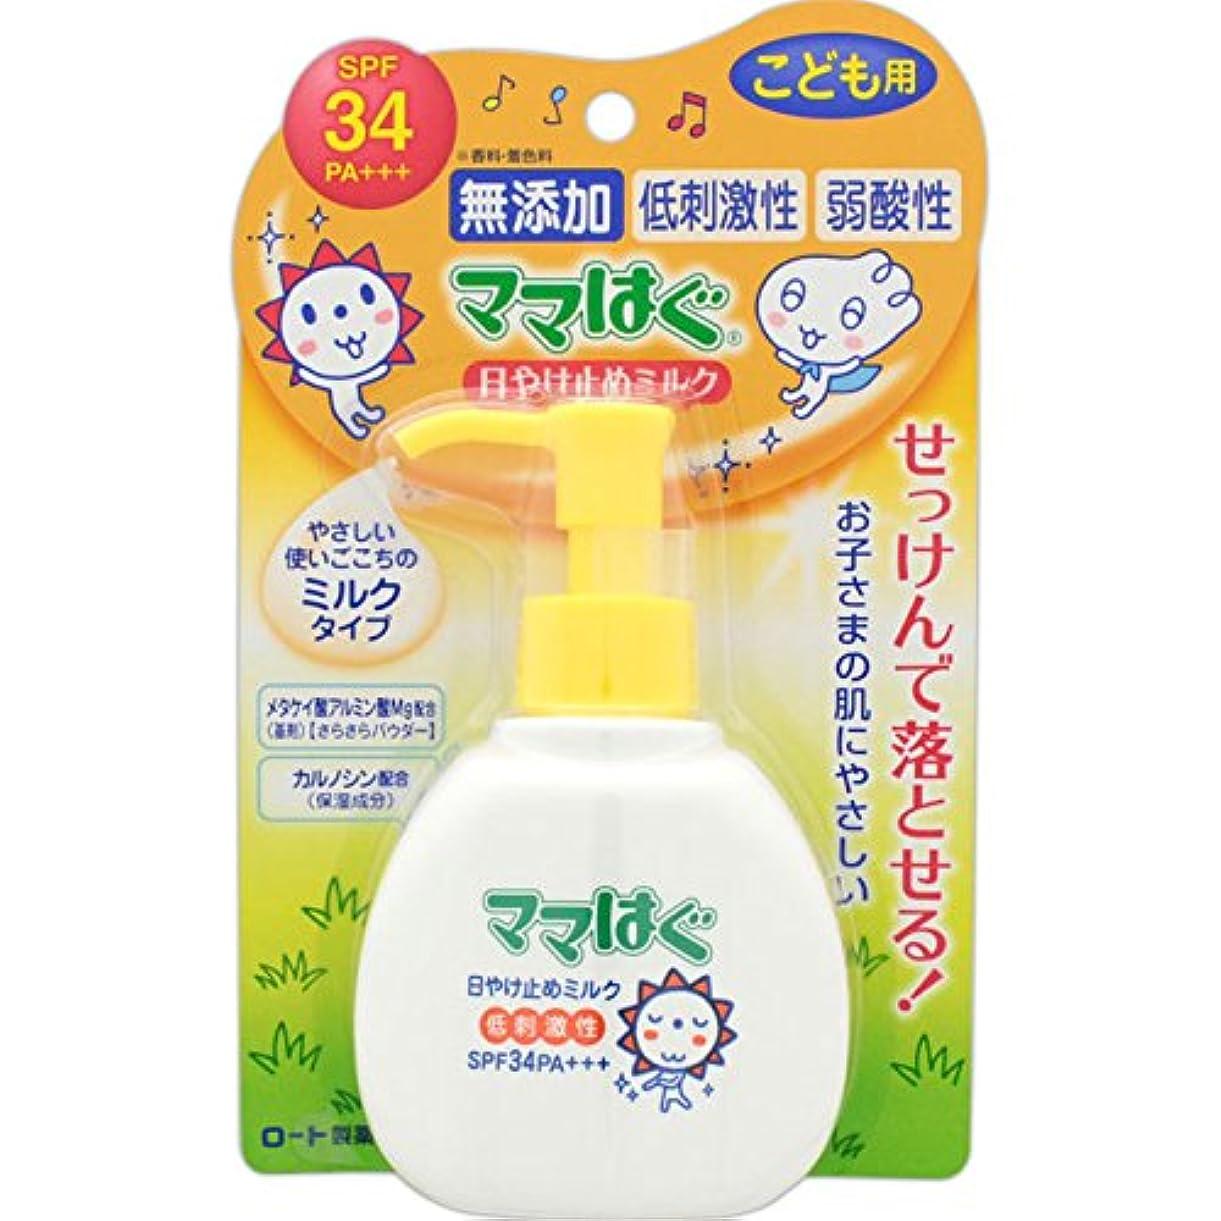 伝記アーティファクト失望させるロート製薬 ママはぐ 無添加 低刺激性日やけ止めミルク SPF34 PA+++ 100g